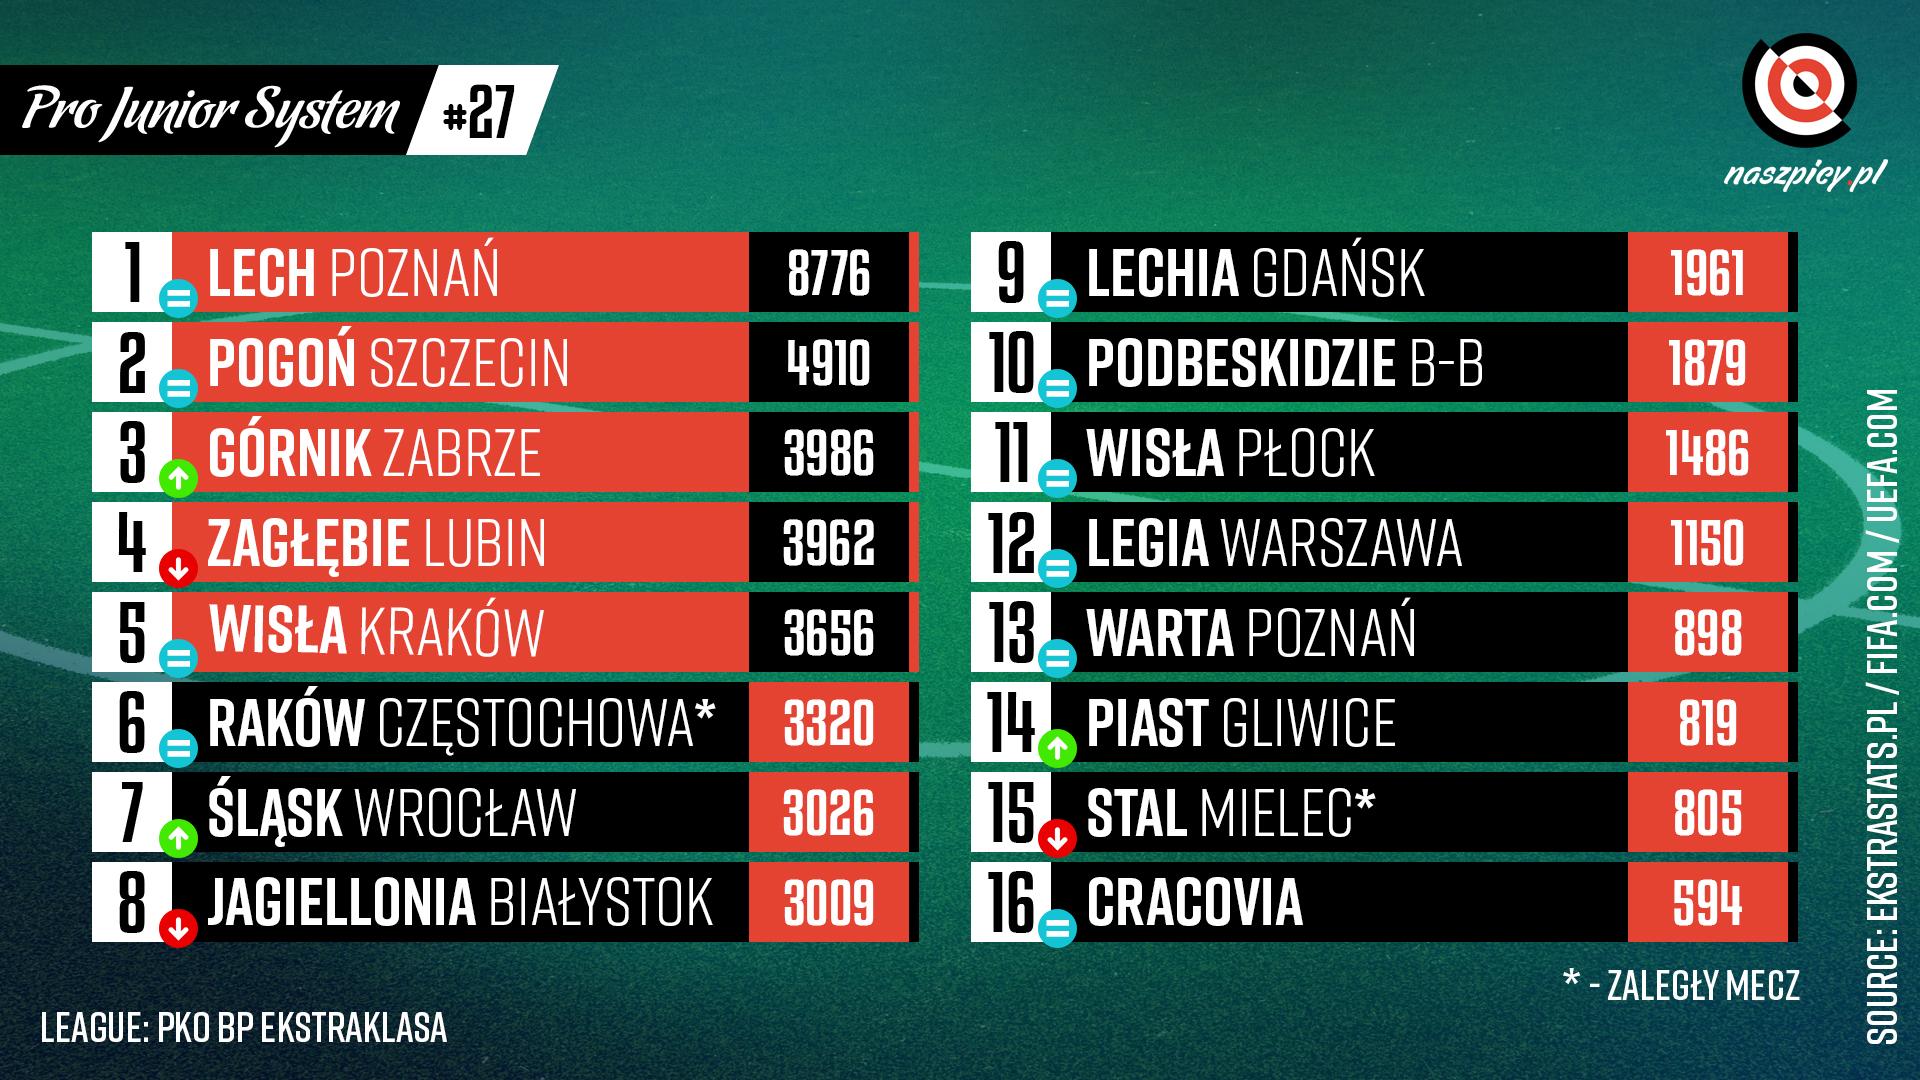 Punktacja Pro Junior System po 27. kolejce PKO Ekstraklasy<br><br>Źródło: Opracowanie własne na podstawie ekstrastats.pl<br><br>graf. Bartosz Urban